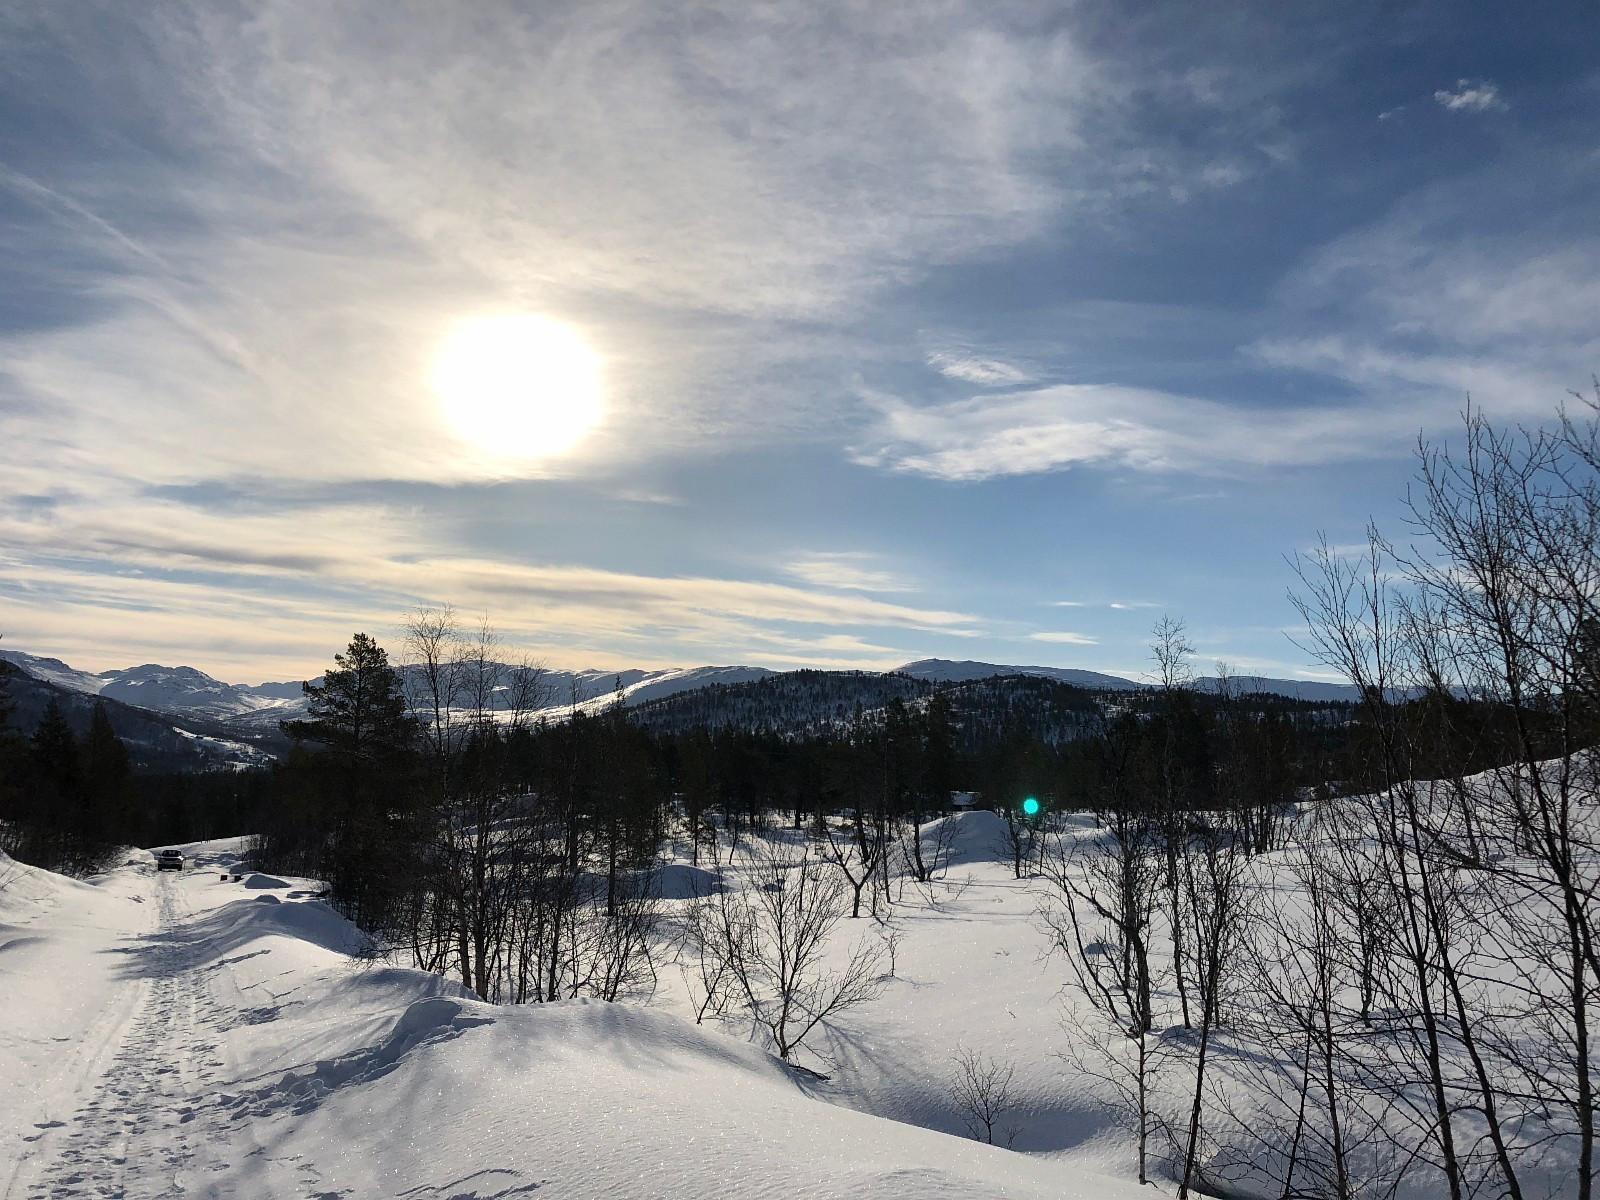 Tomtene ligg høgt og fritt med god utsikt over dalen og fjella. Flott turterreng sommer og vinter.  Oppkjørte langrennsløyper går gjennom feltet. (Ski in/ski out)